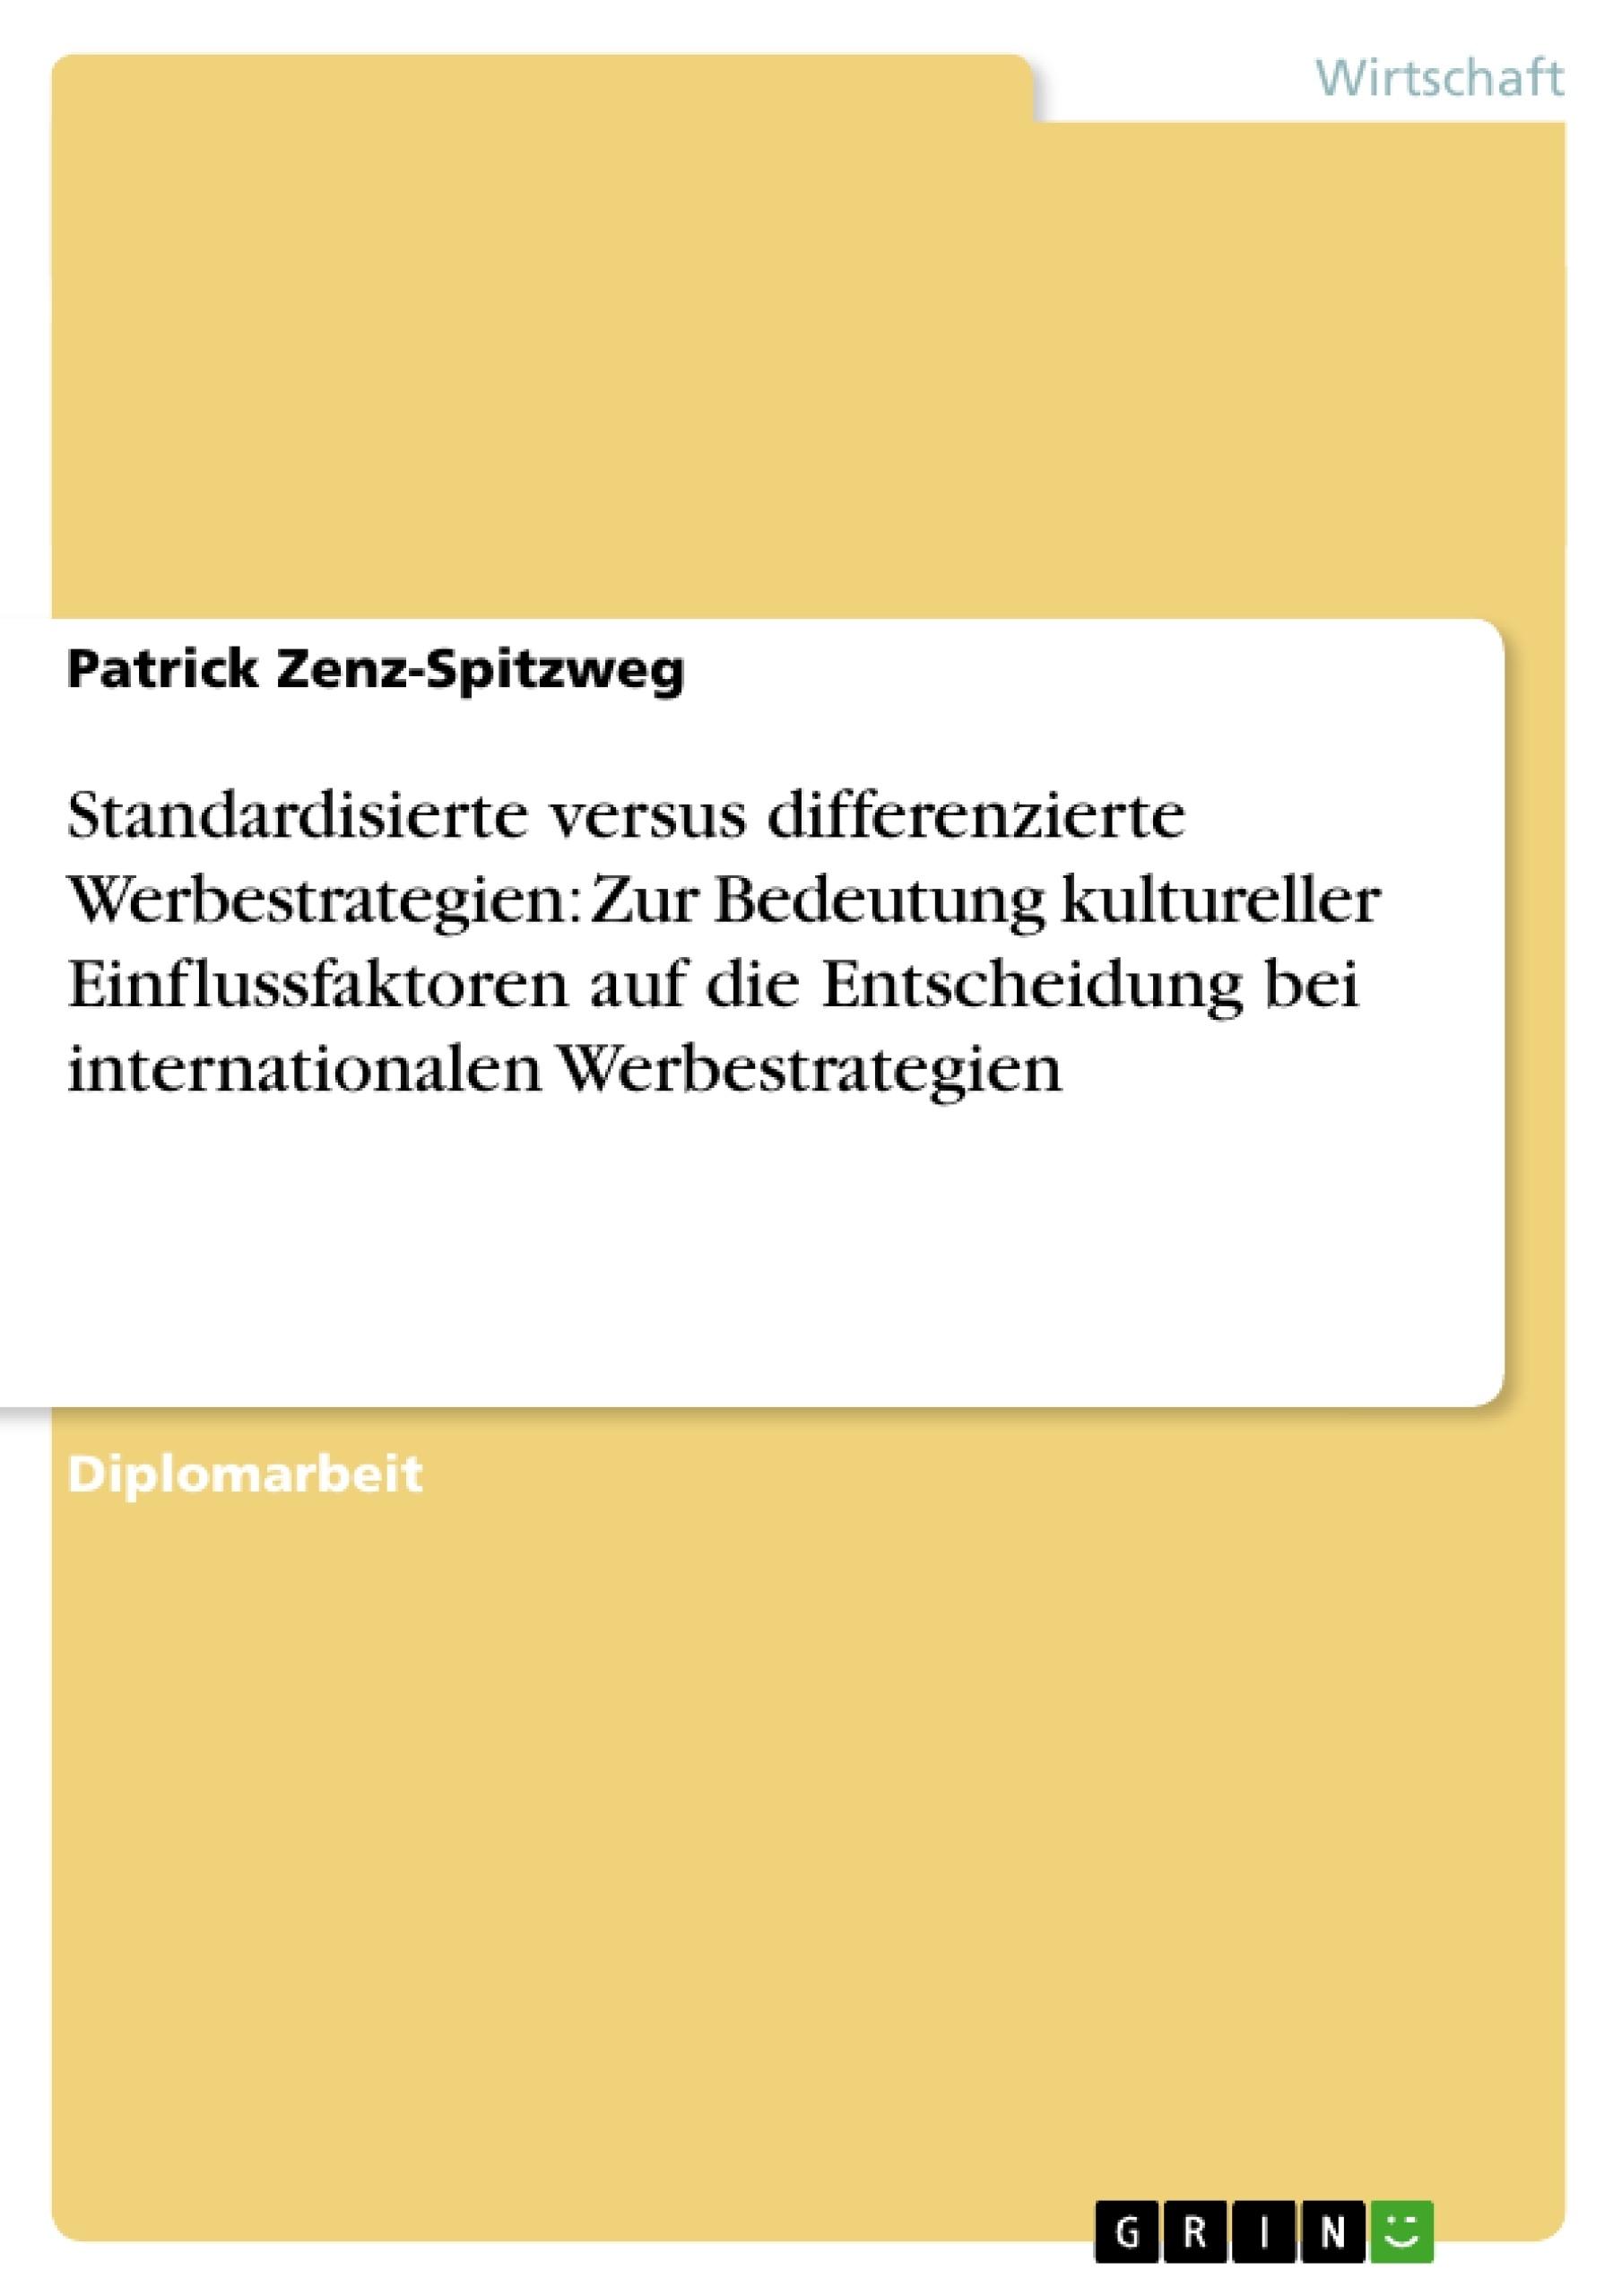 Titel: Standardisierte versus differenzierte Werbestrategien: Zur Bedeutung kultureller Einflussfaktoren auf die Entscheidung bei internationalen Werbestrategien